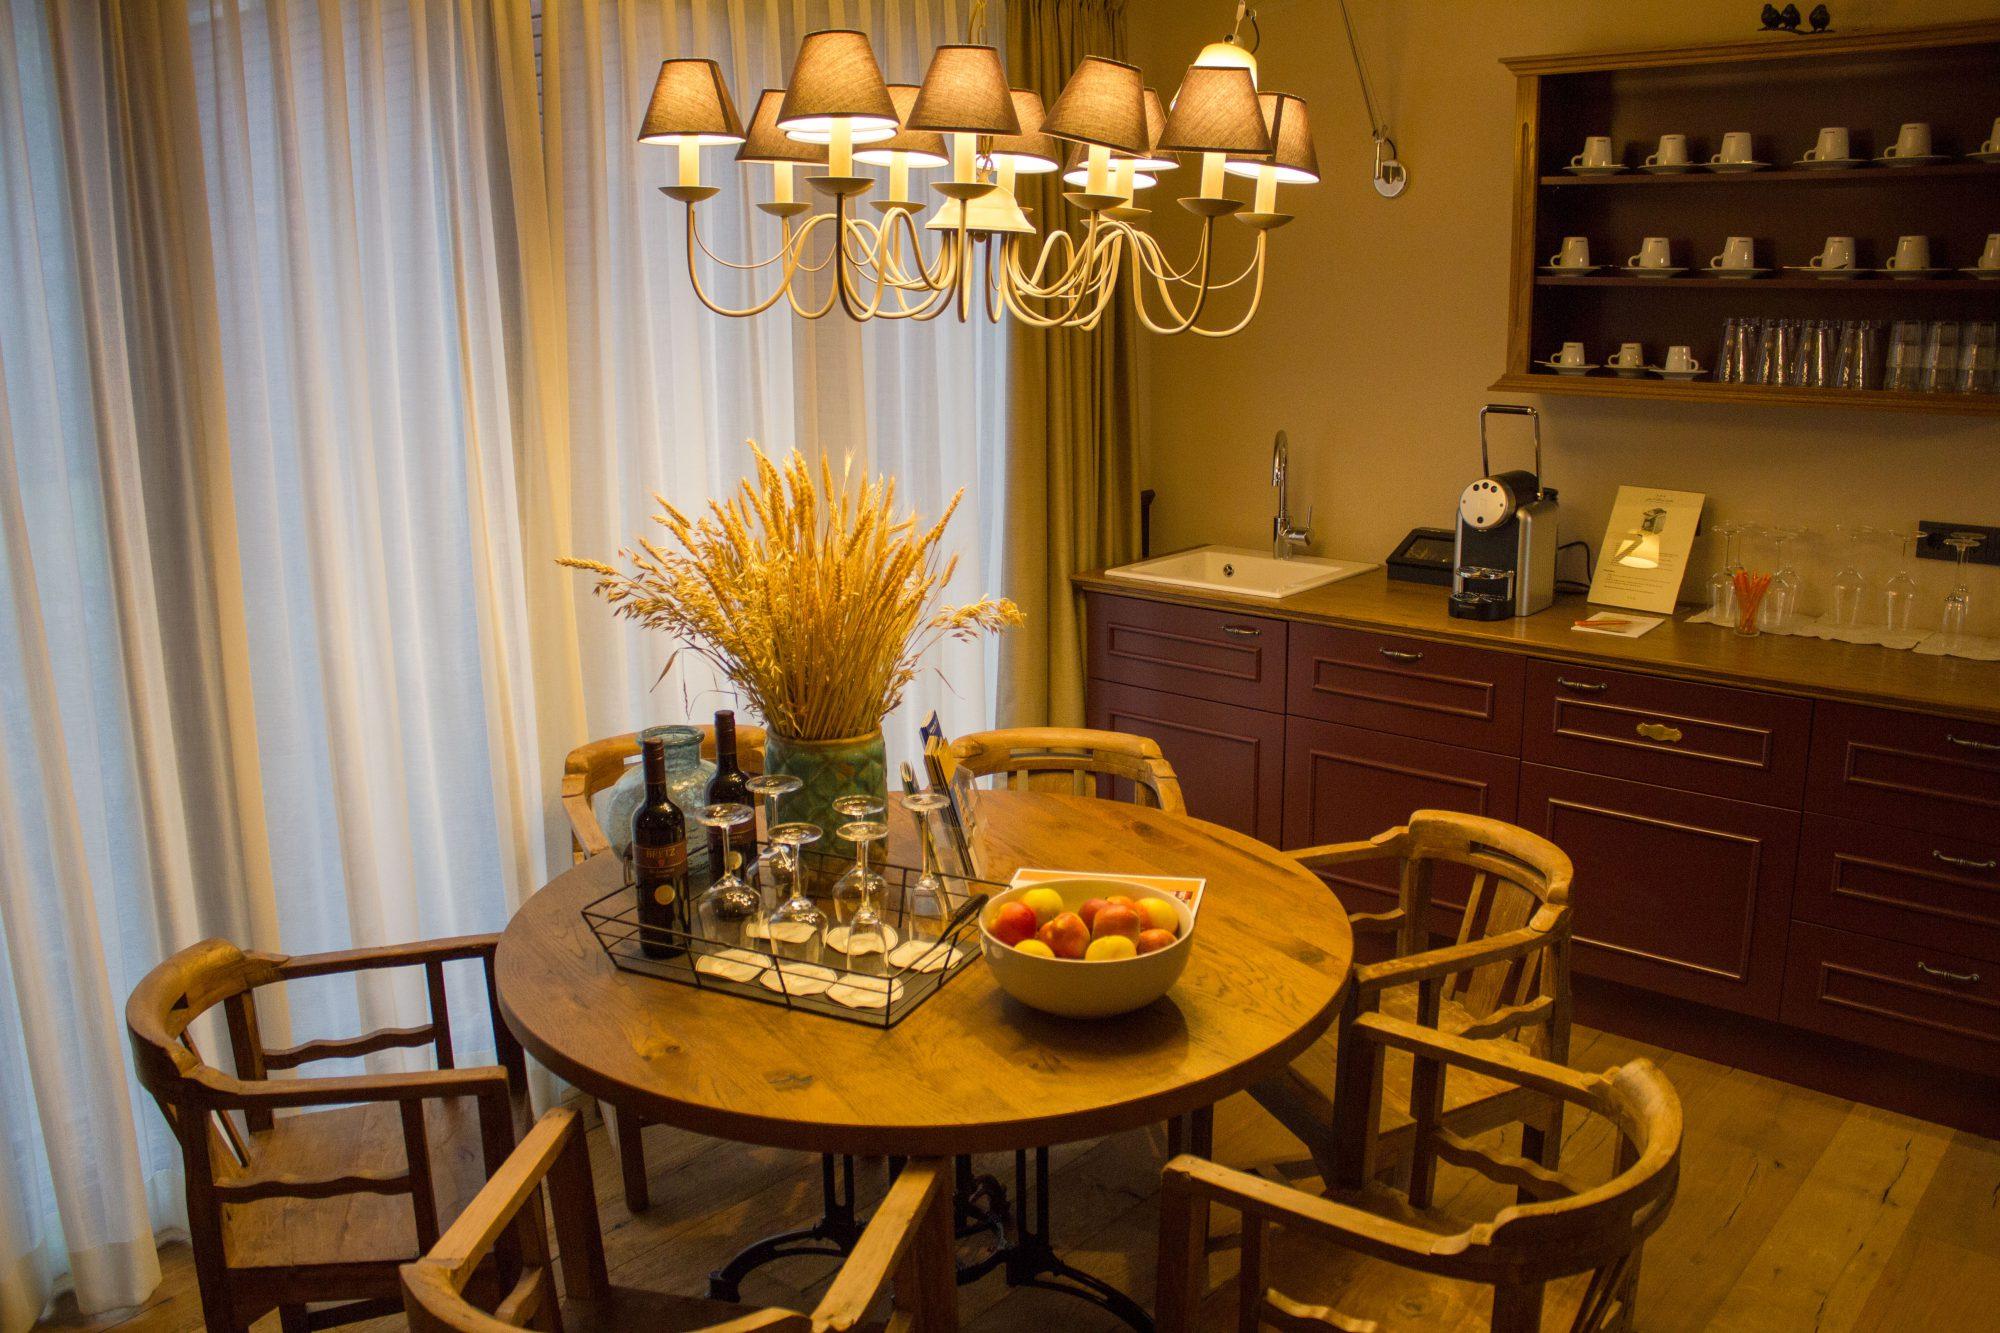 gut sternholz badewanne suite wellness sauna spa auszeit hamm ruhrgebiet kaffeebar hotel. Black Bedroom Furniture Sets. Home Design Ideas